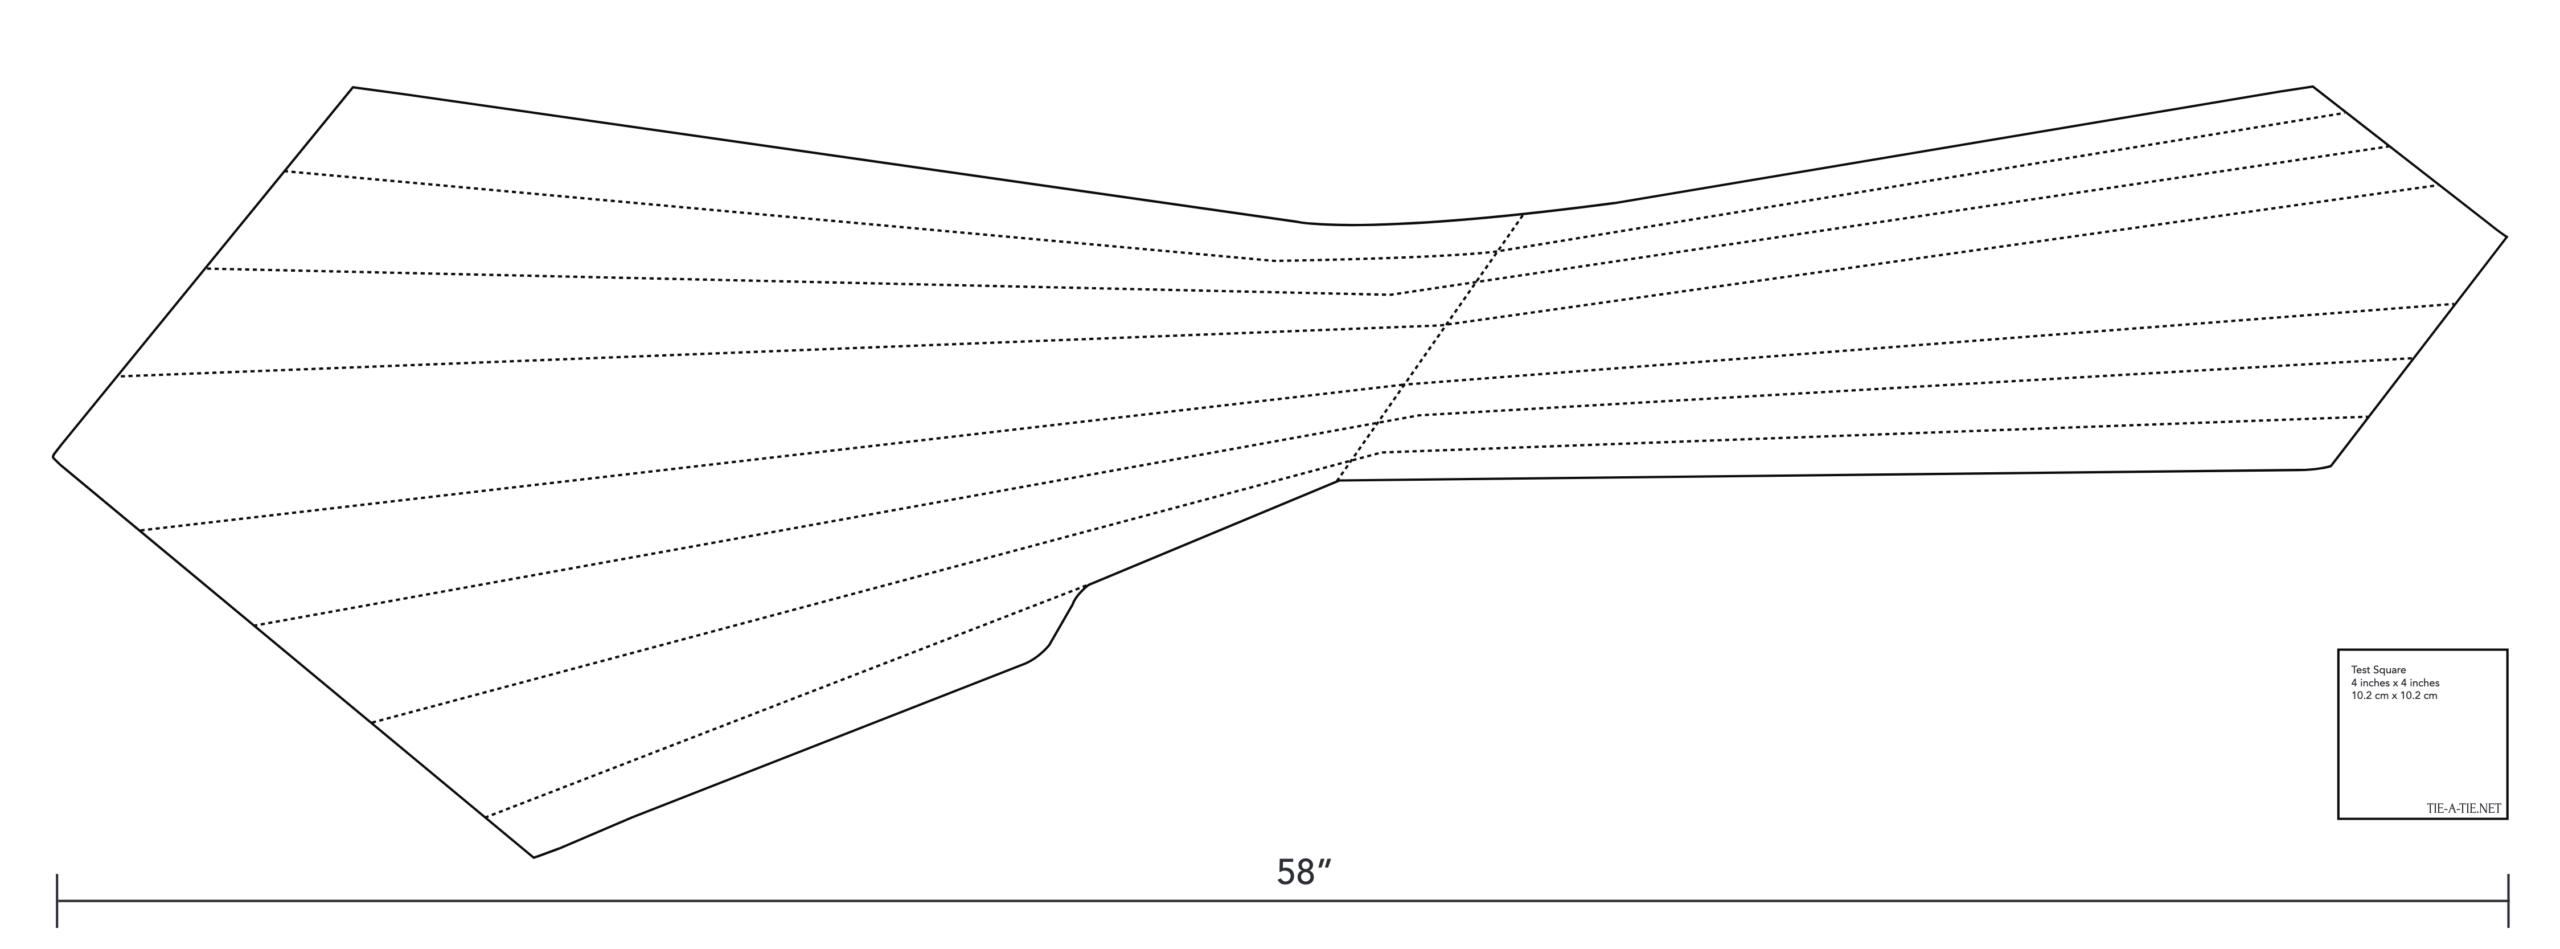 Un patron pour cravate sept plis. La multiplication du nombre de plis demande plus de tissus. (Source: Tieatie)